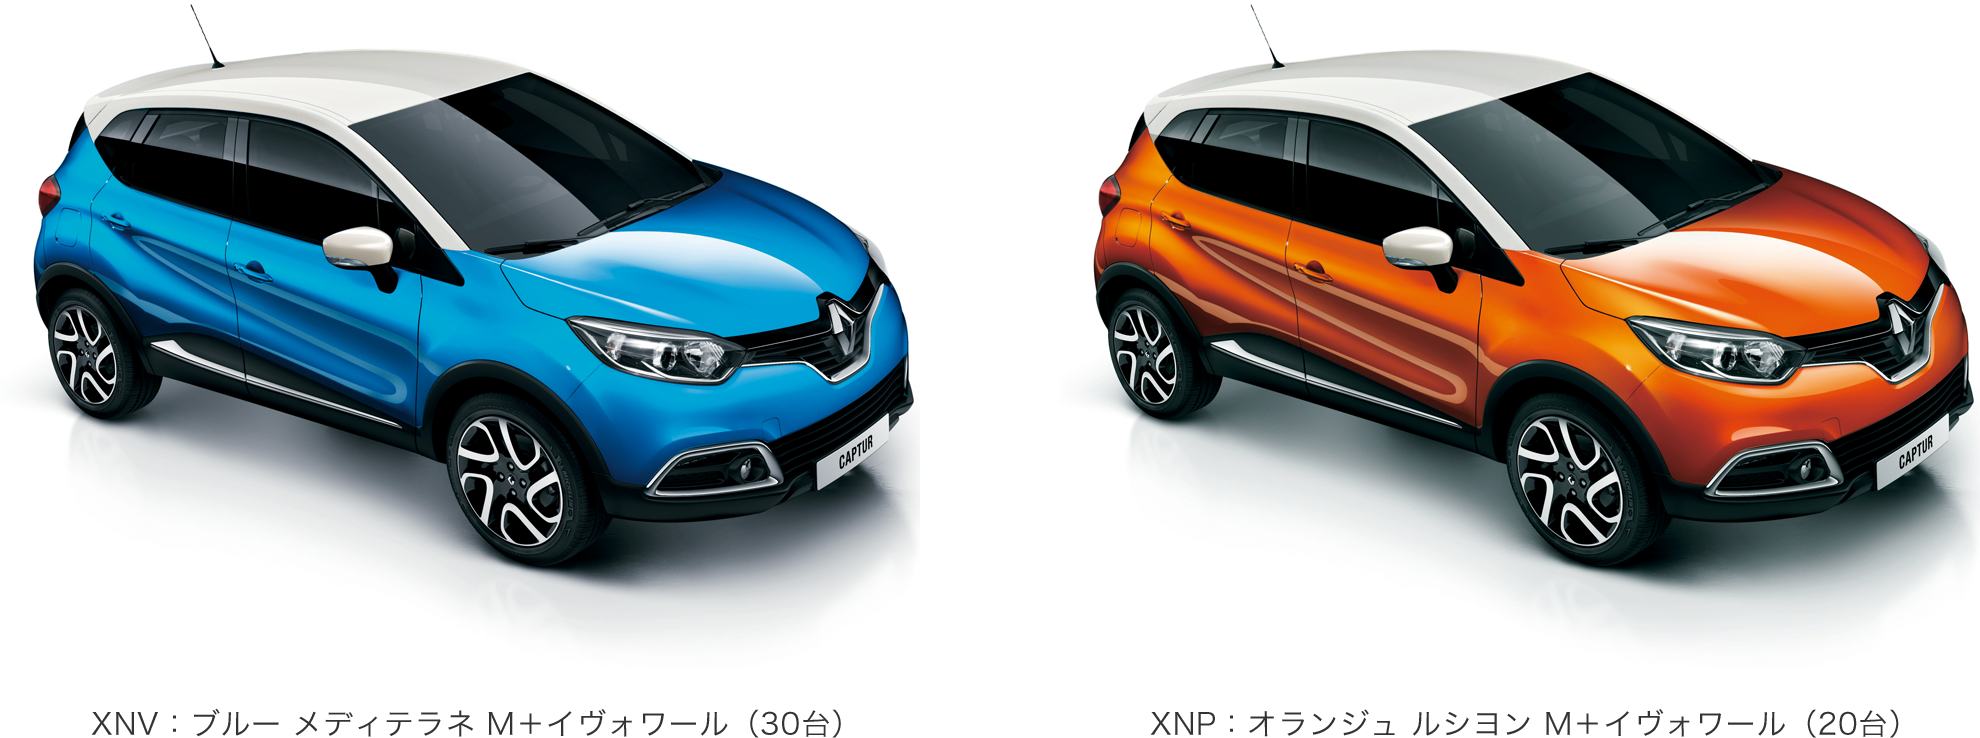 XNV:ブルー メディテラネ M+イヴォワール(30台) XNP:オランジュ ルシヨン M+イヴォワール(20台)